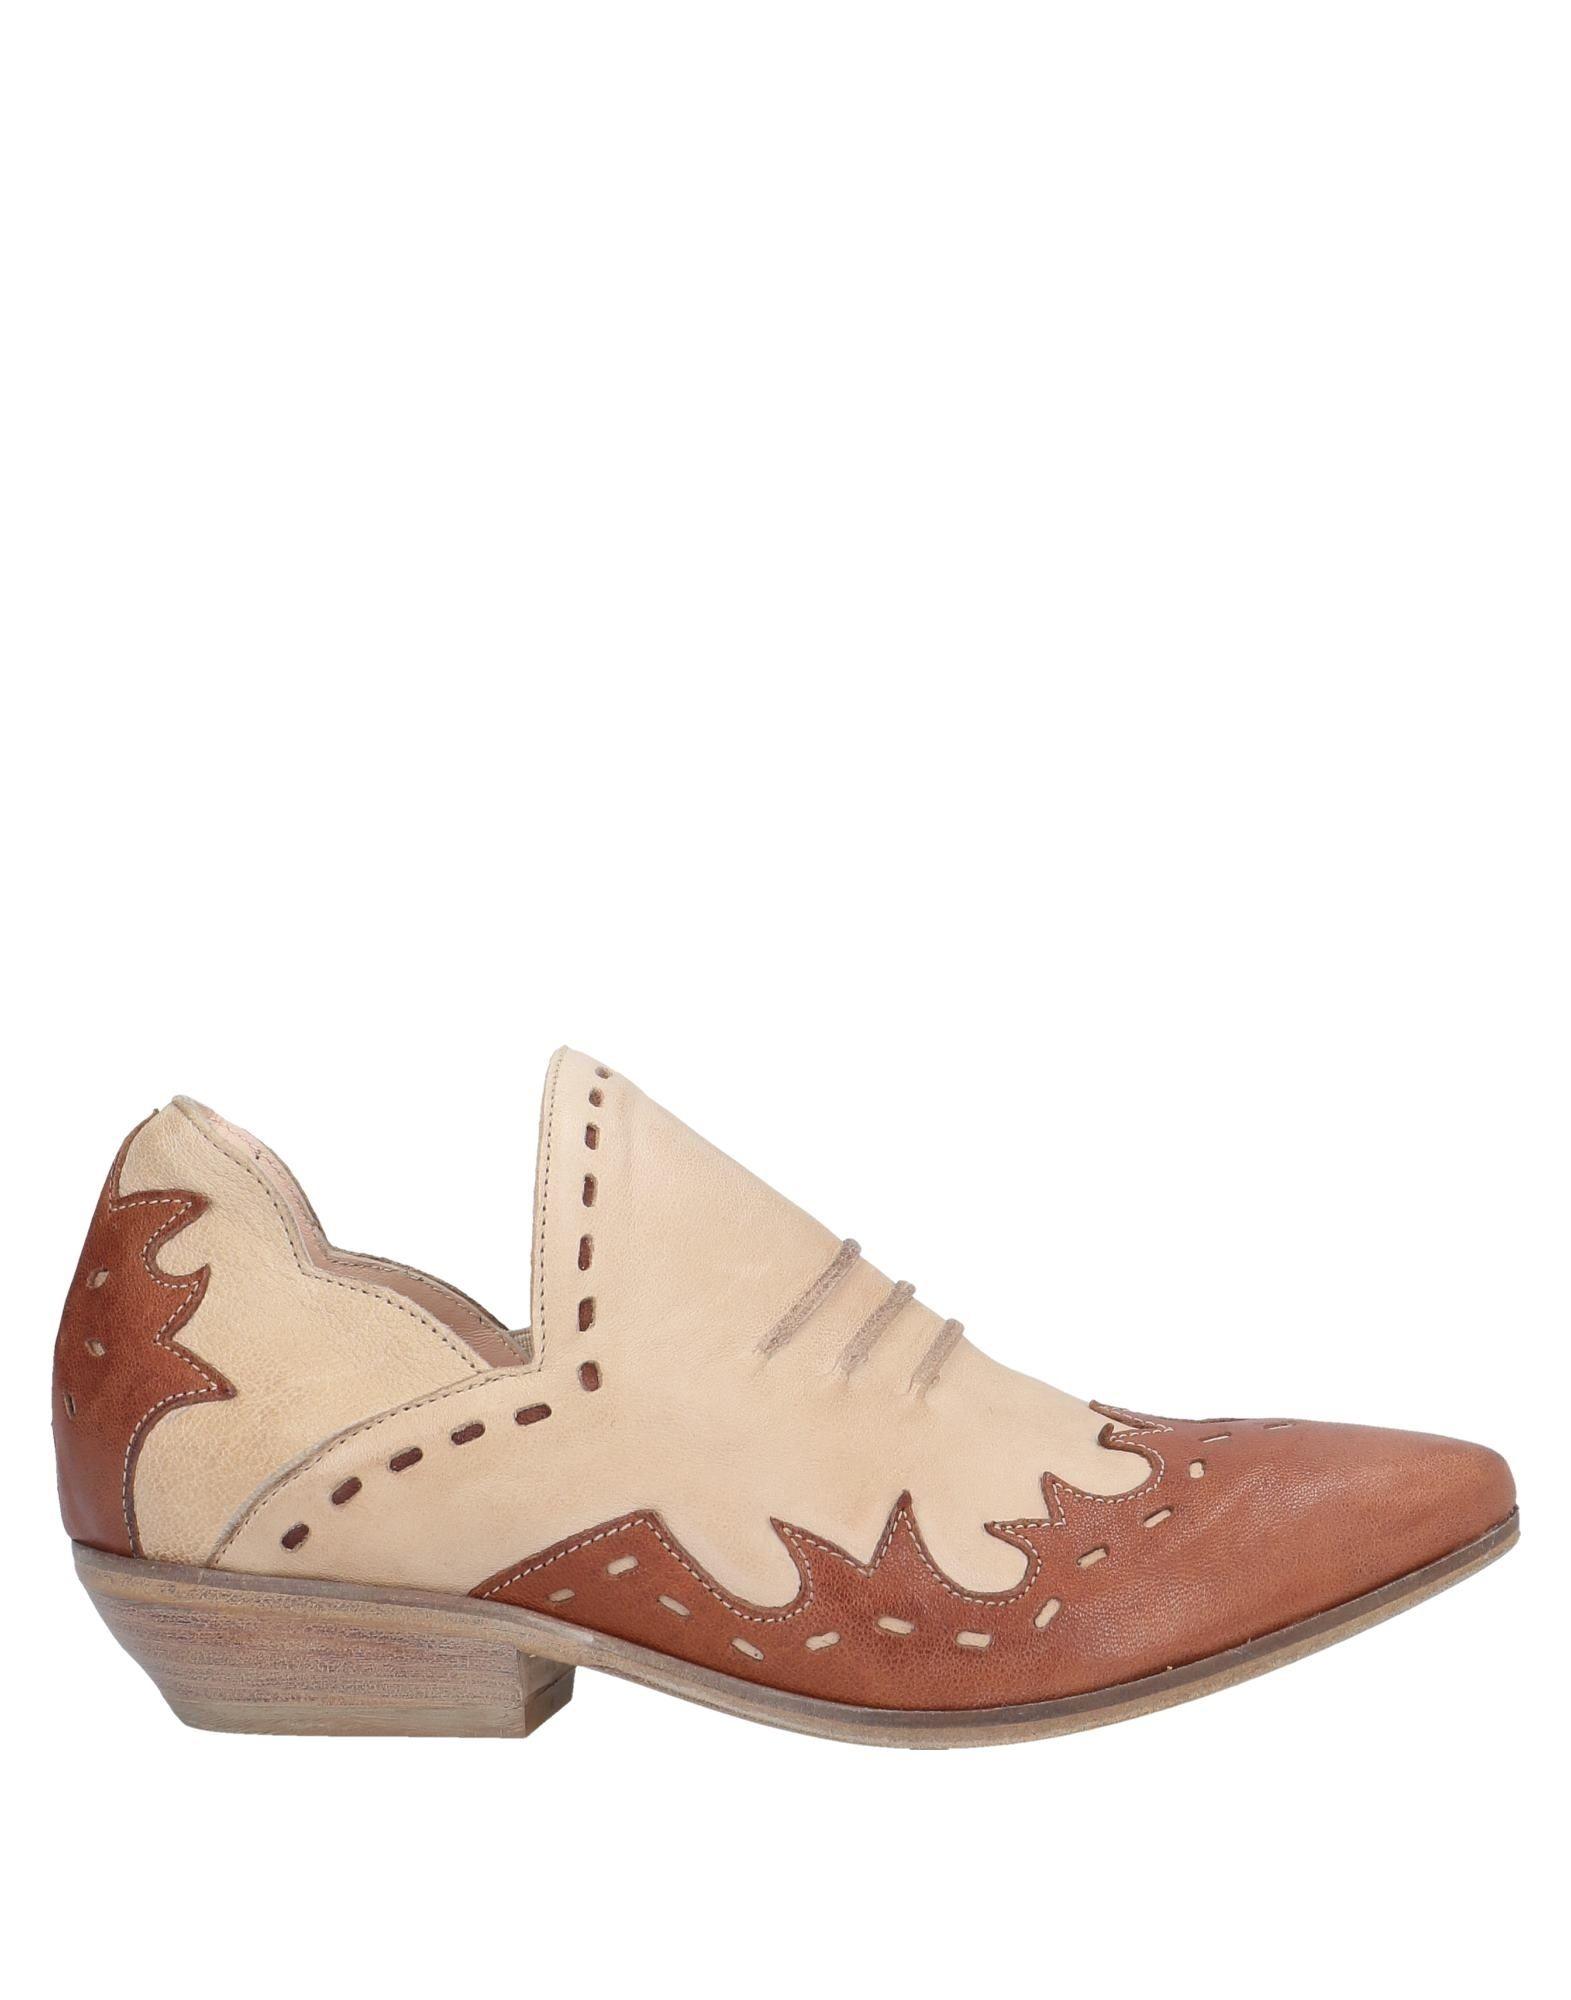 купить сандалии для мальчика в интернет магазине